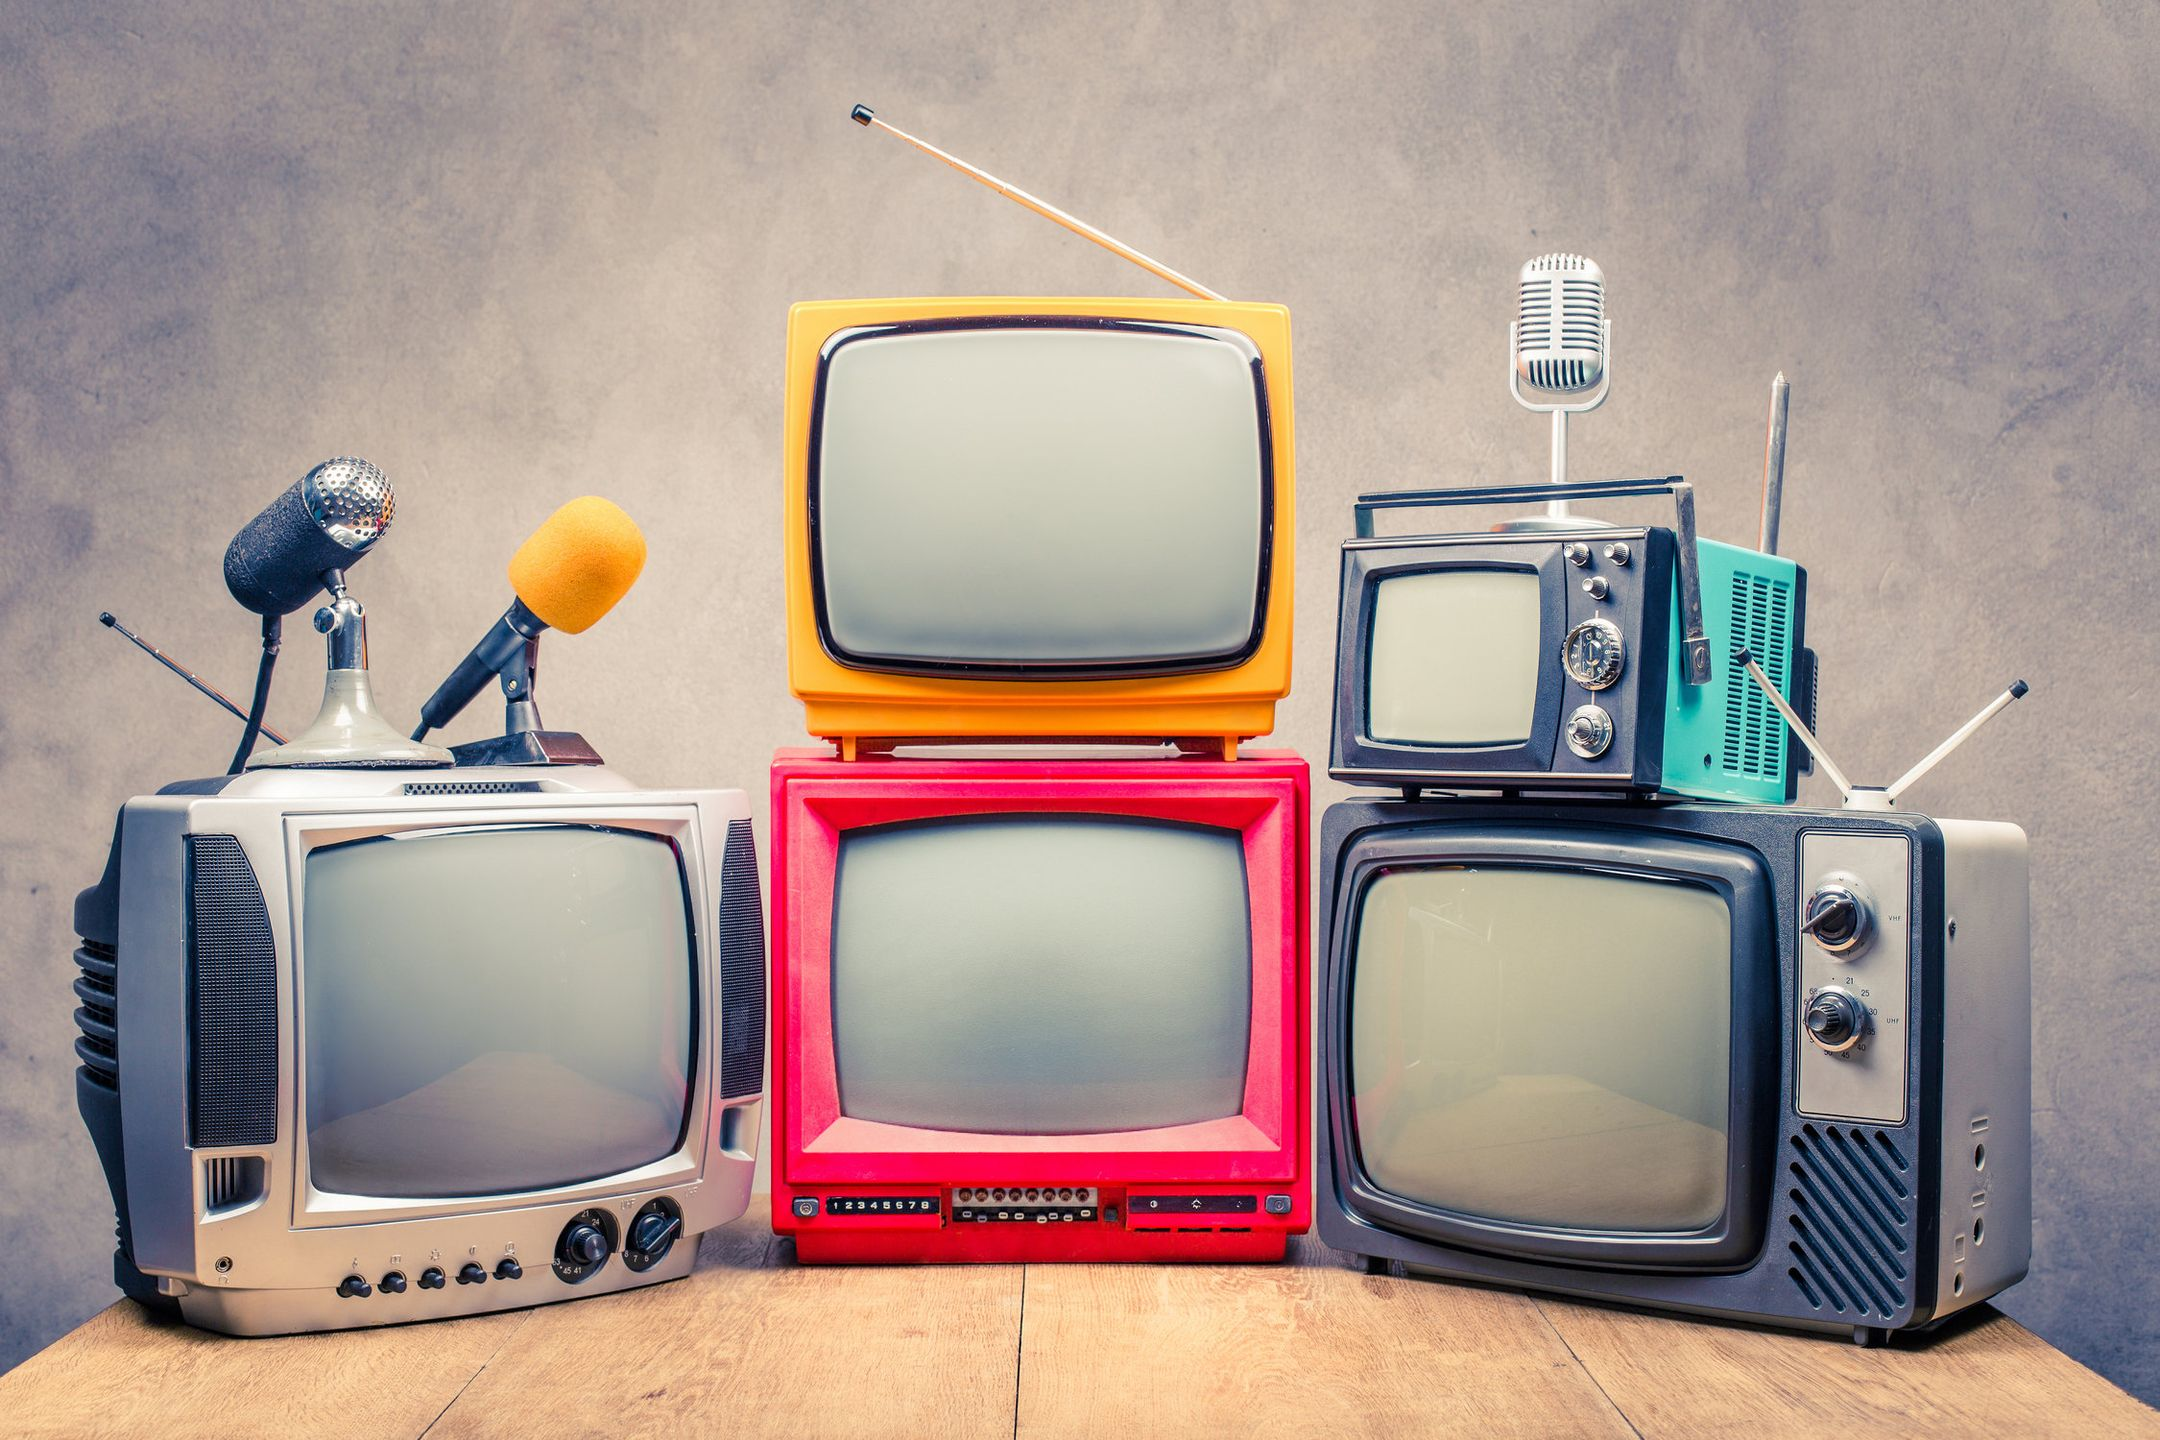 телевизор реклама картинки всех